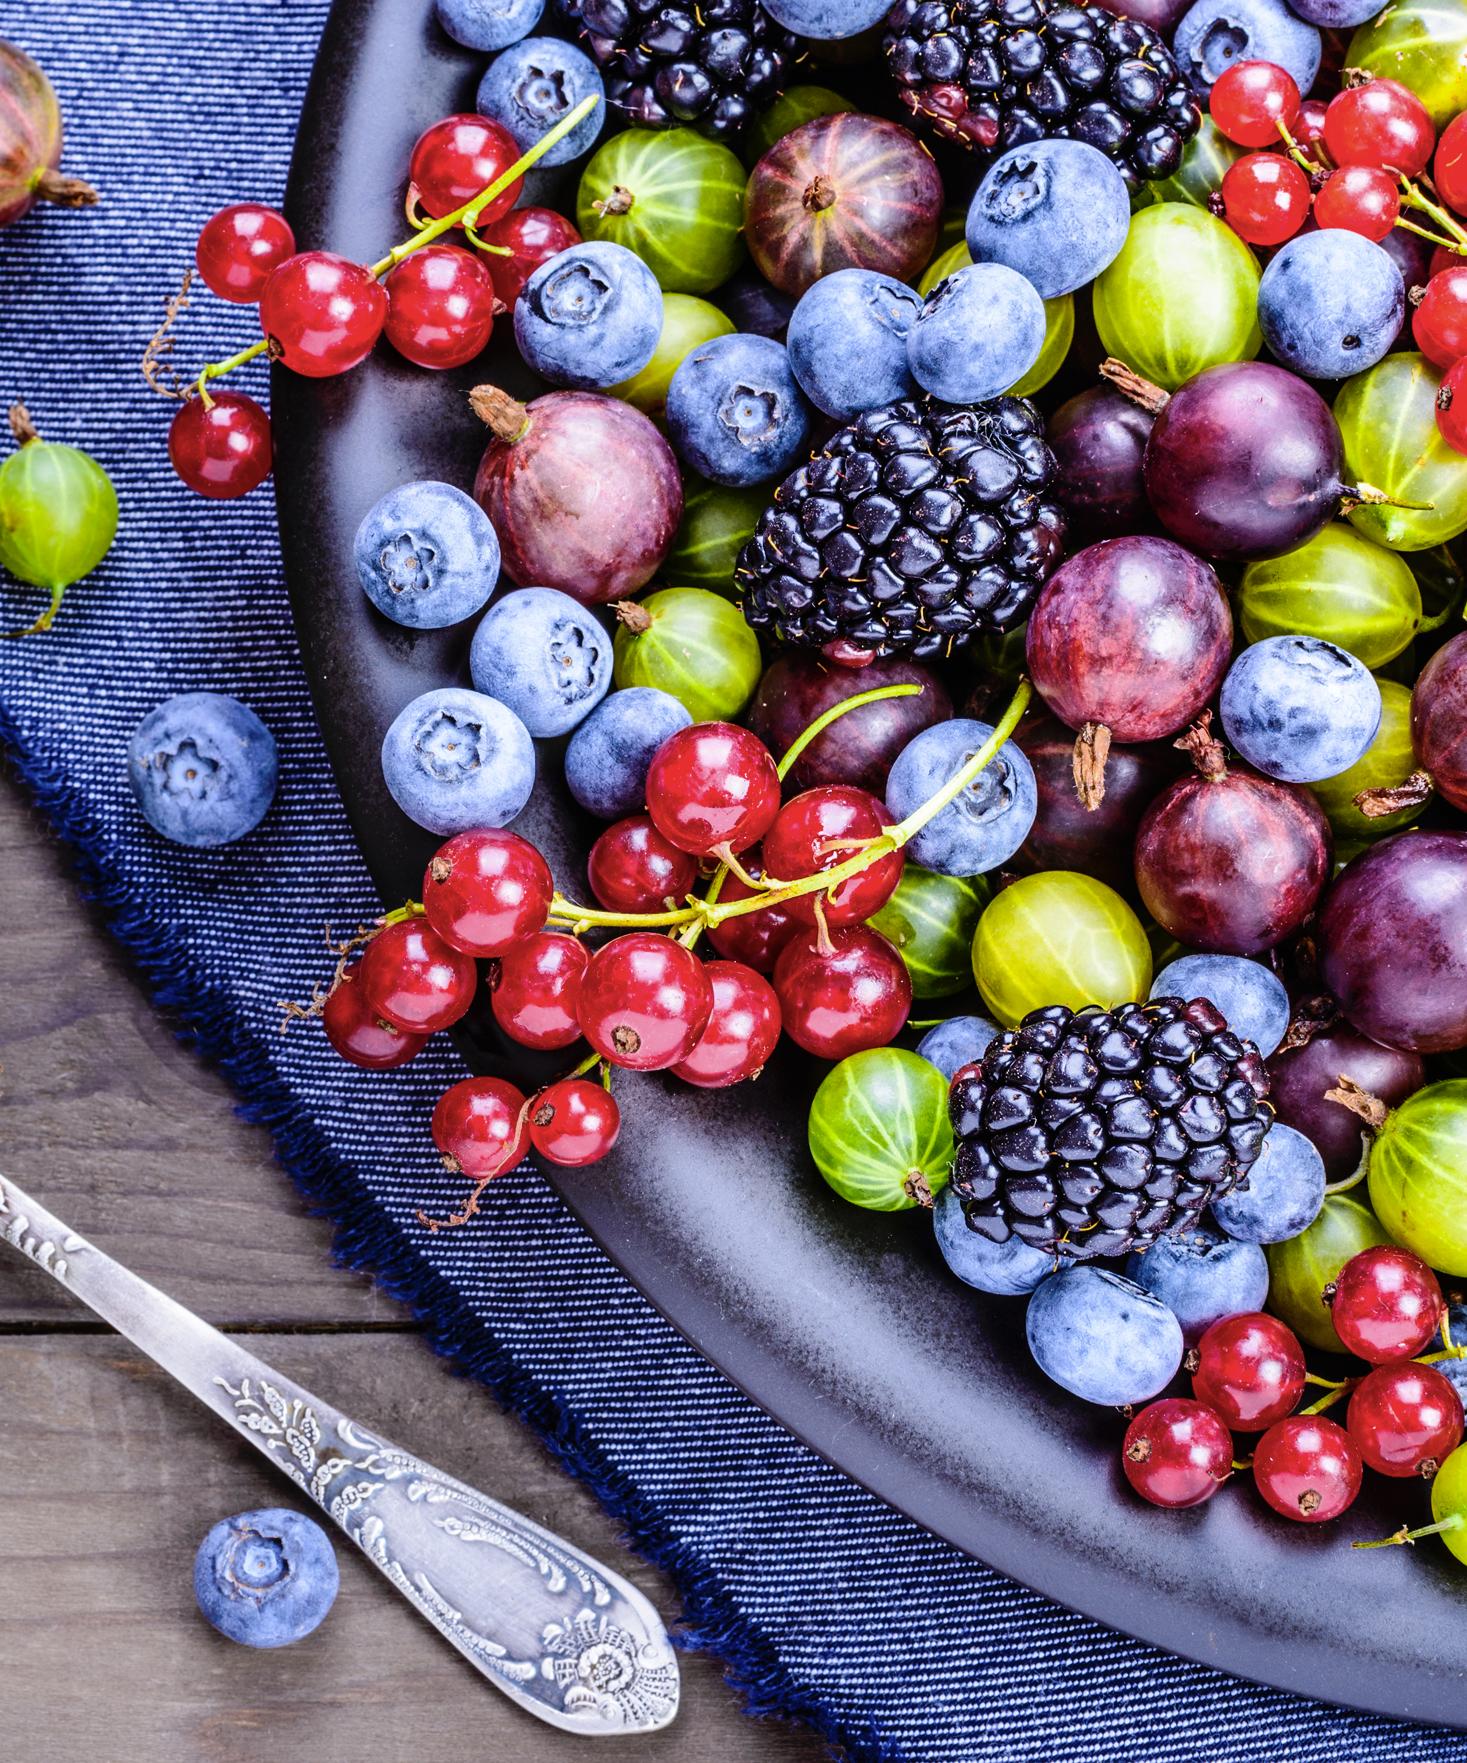 Quels sont les fruits et légumes les plus riches en antioxydants et polyphénols?